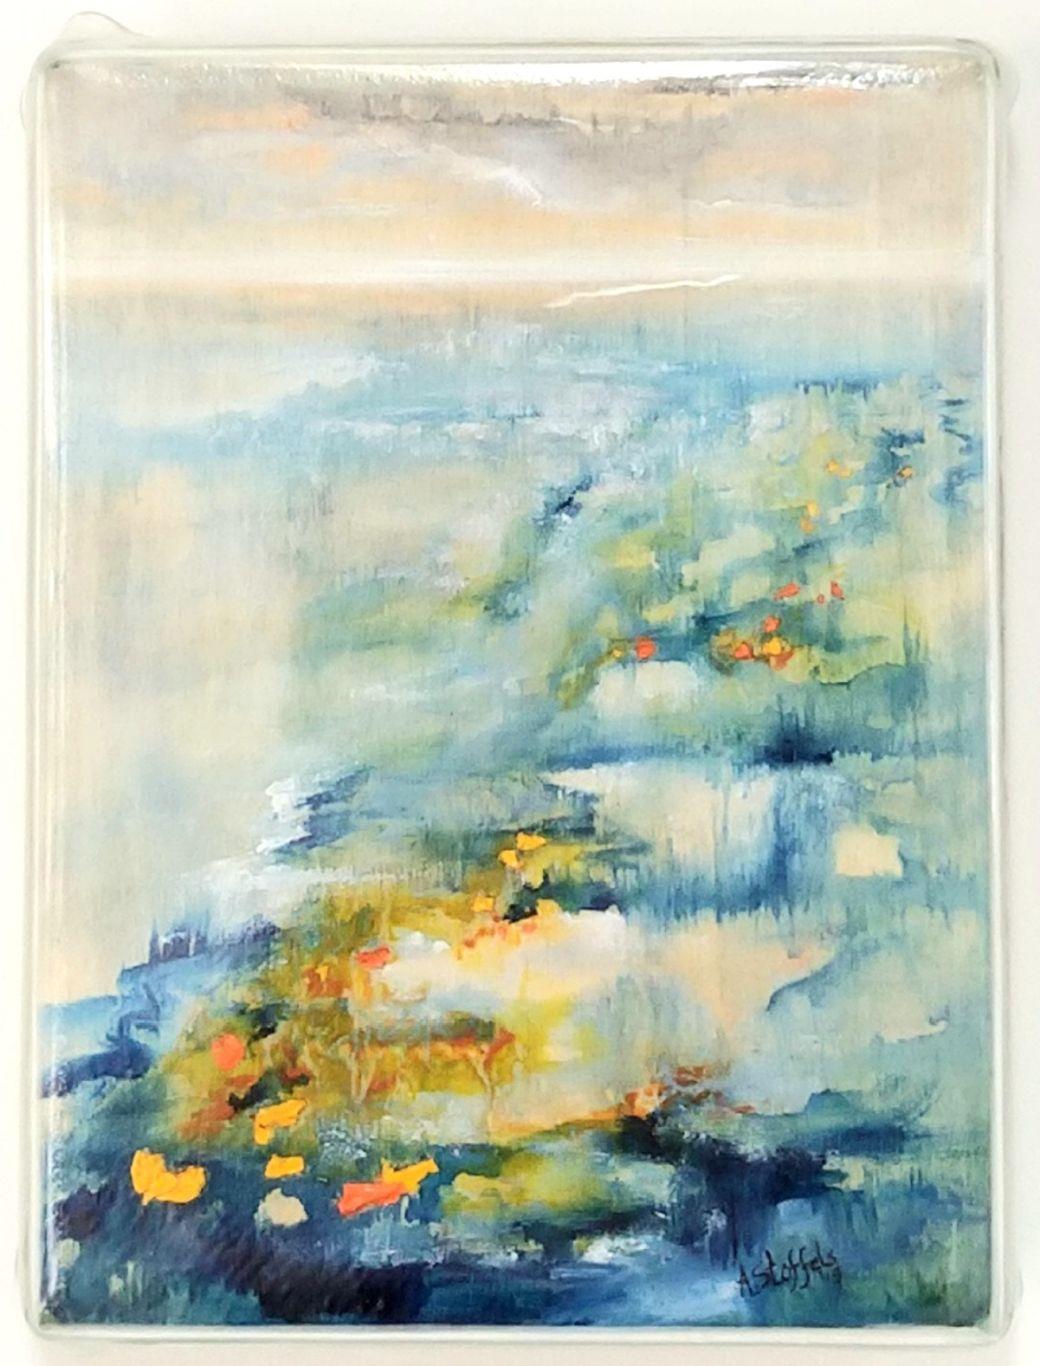 Vulnerable Nature V, Gemengde techniek(olie, acryl, glas) op paneel, 18 x 24 cm